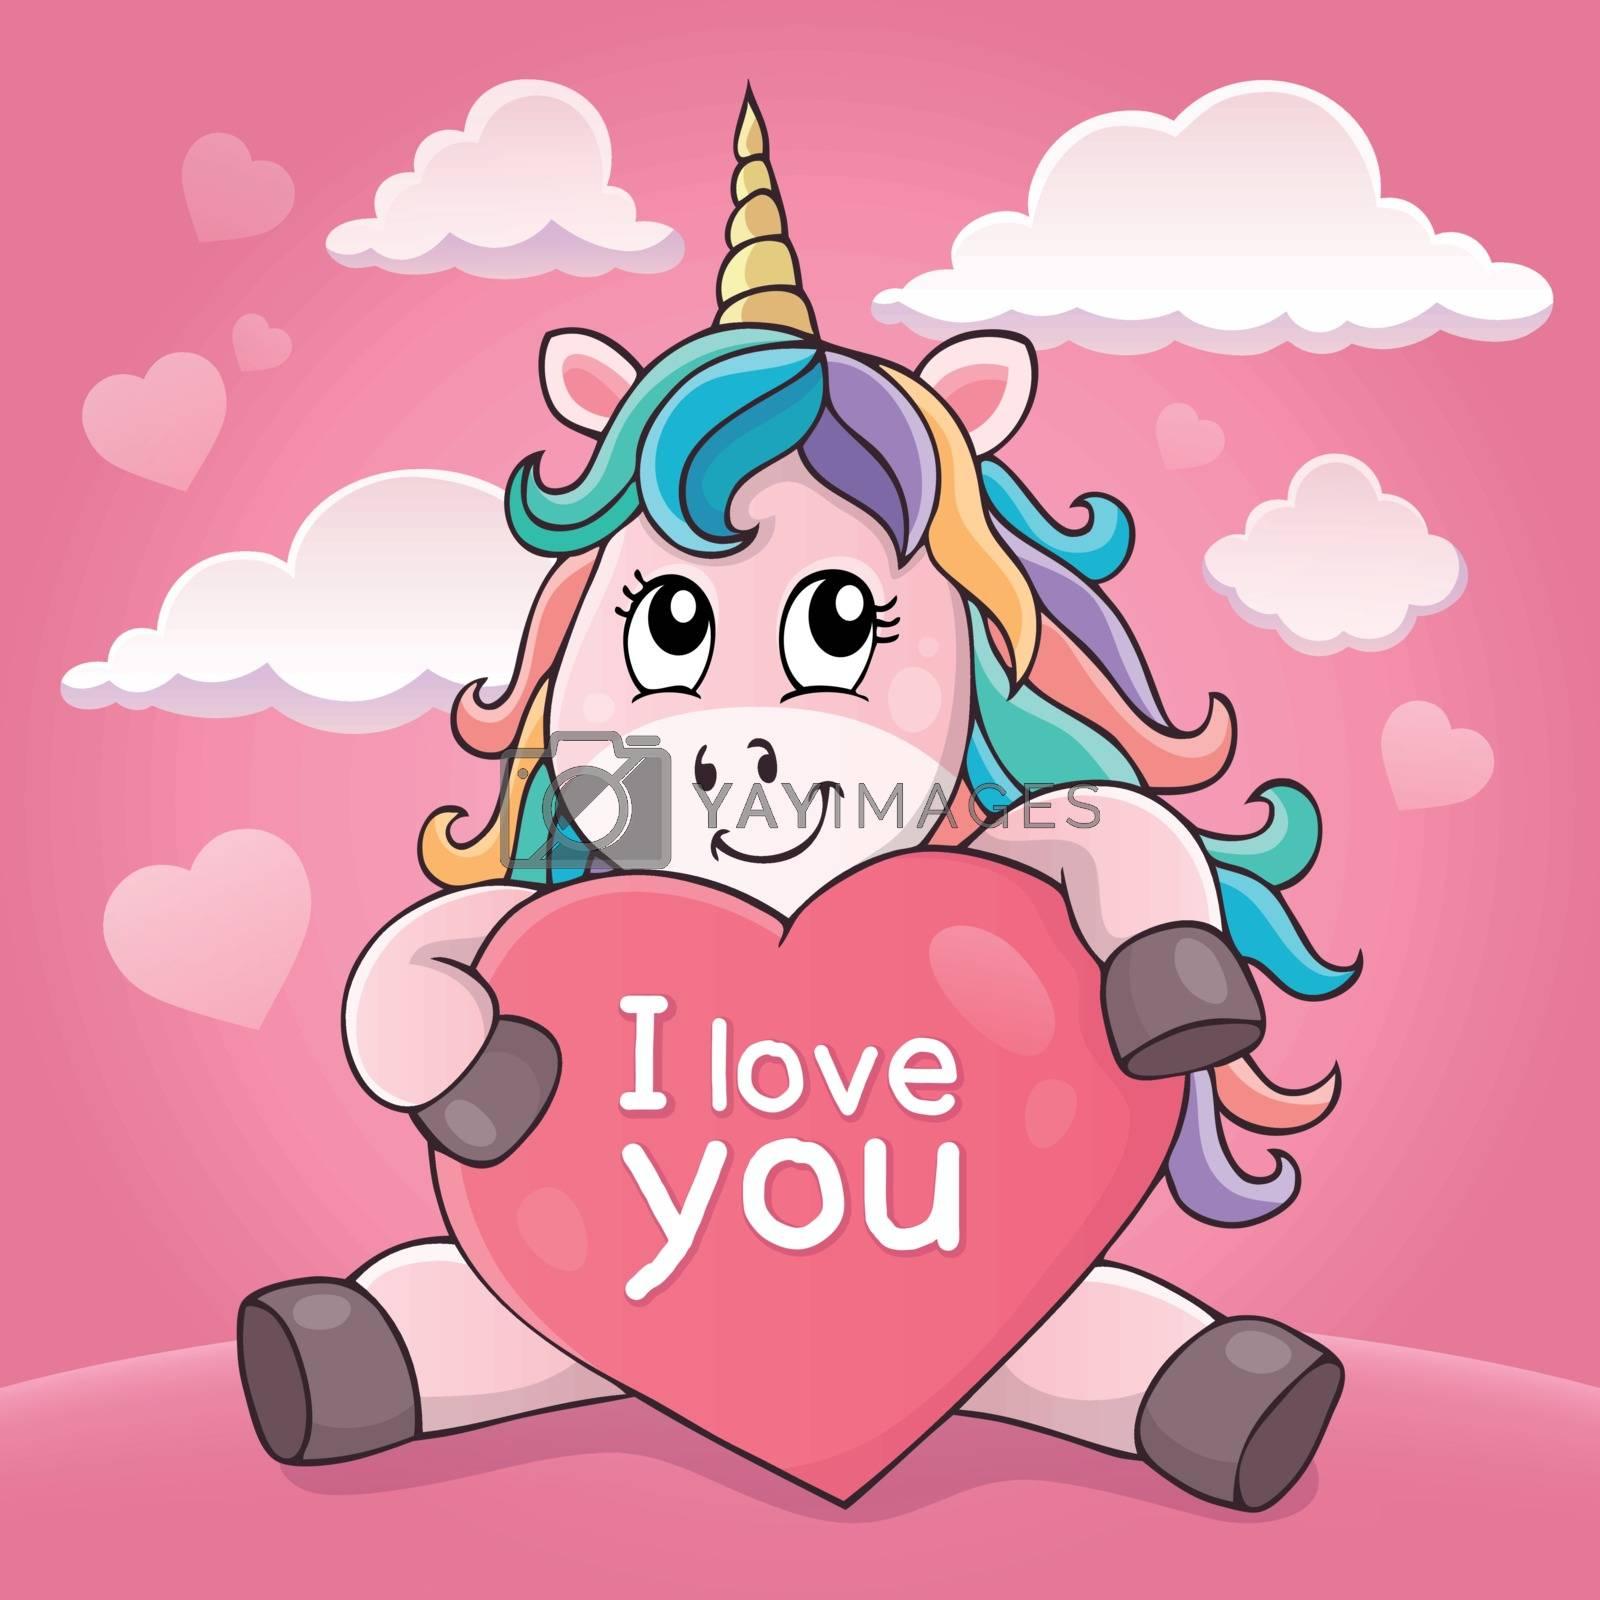 Valentine unicorn theme image 4 - eps10 vector illustration.